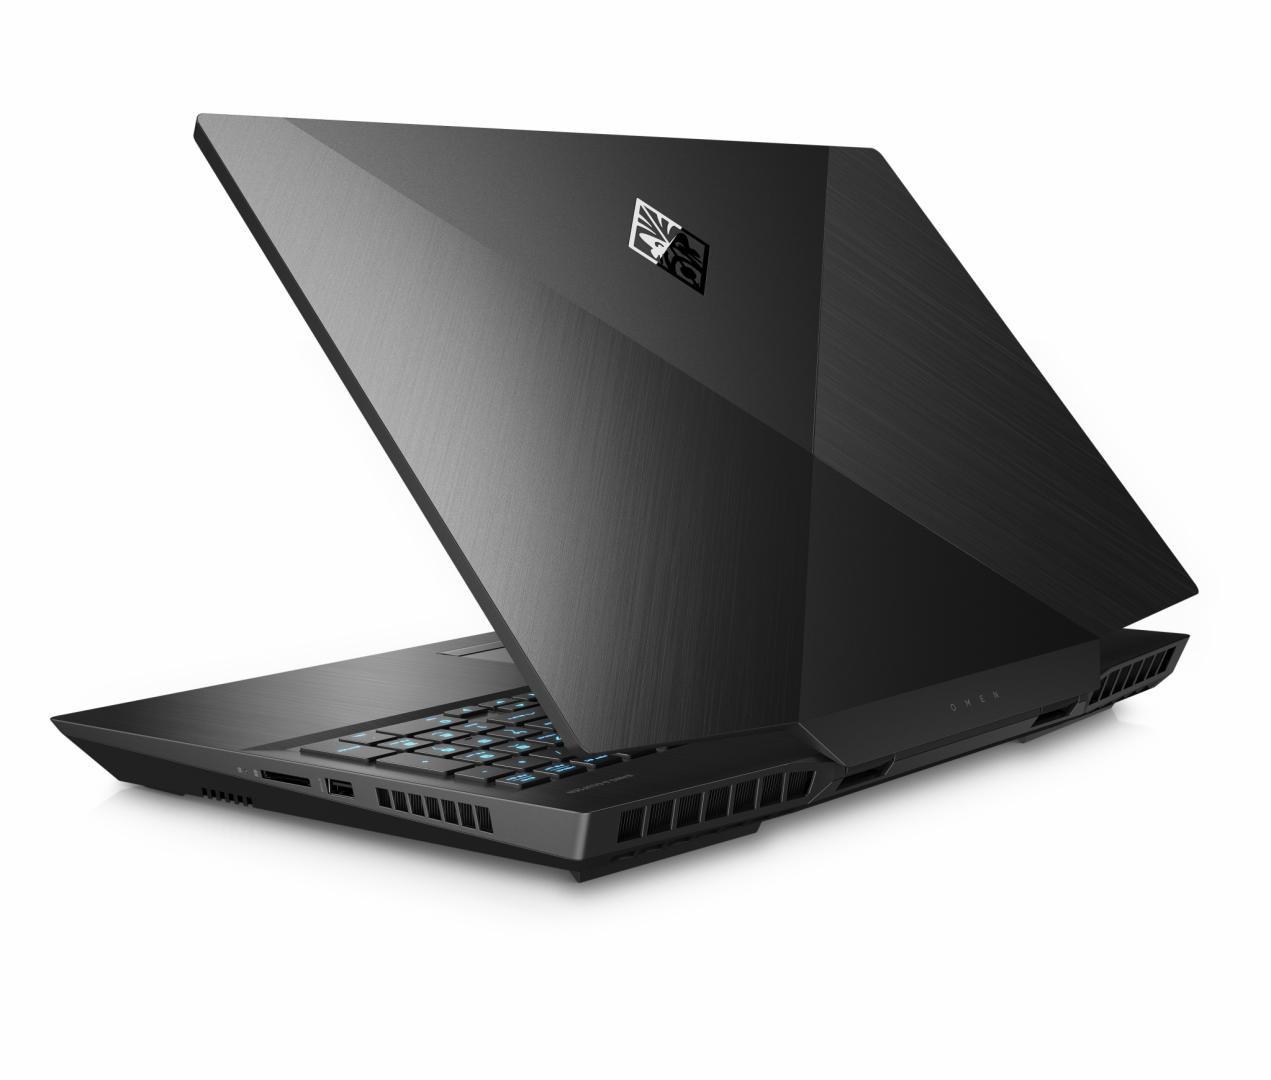 """NOTEBOOK HP OMEN 15.6"""" FHD i7-10750H 16GB 512GB+1TB 6GB-GTX1660Ti DOS   15-dh1005nq - imaginea 4"""